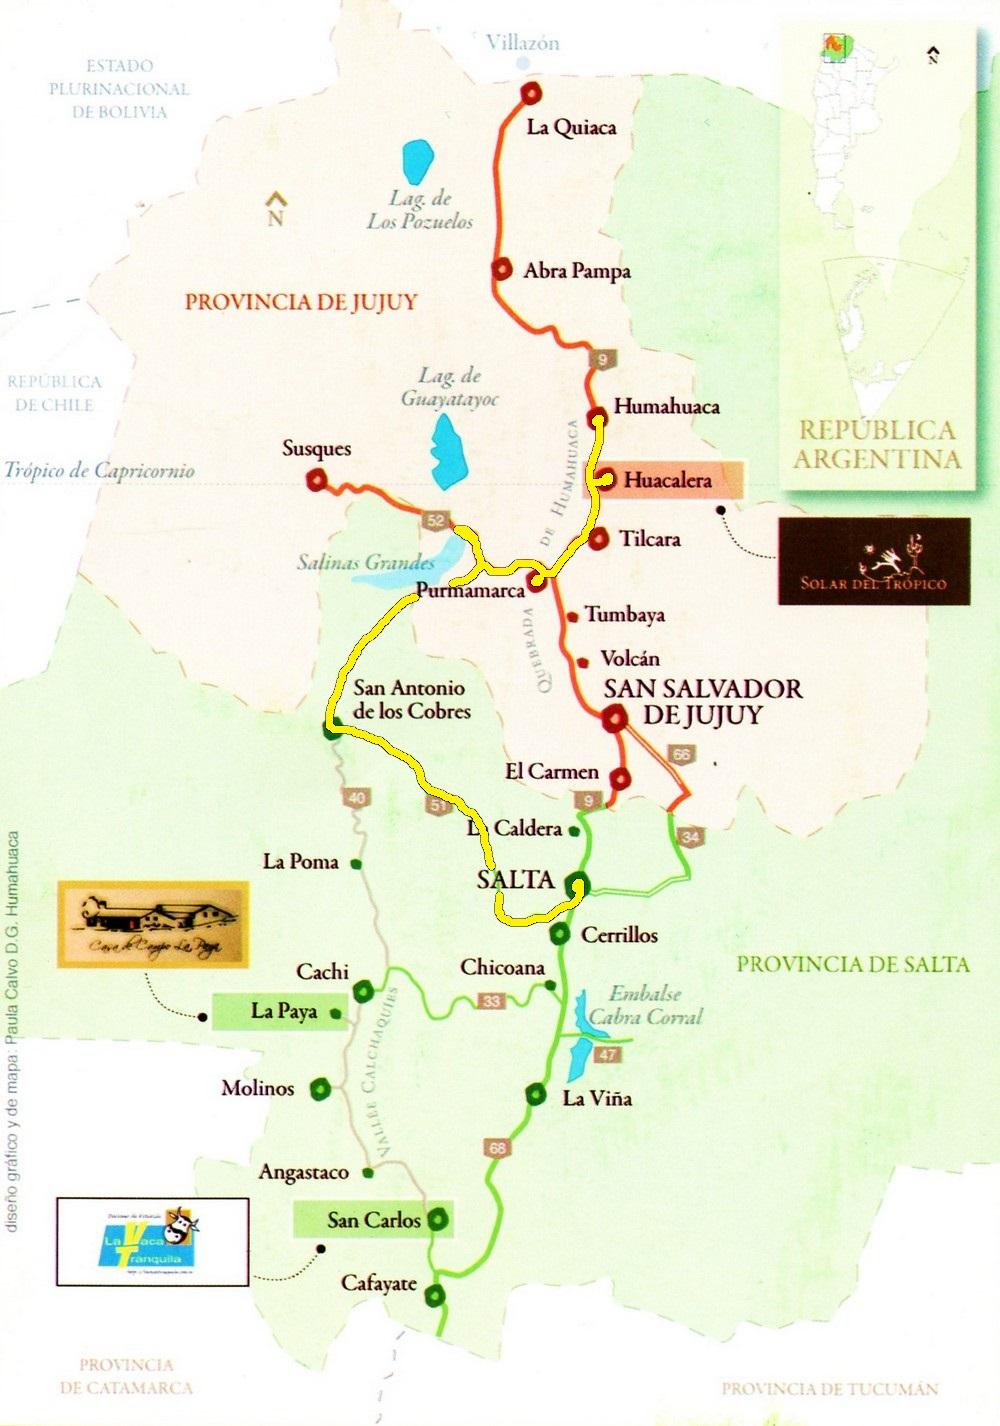 CARTE Jour 9 de Huacalera à Salta